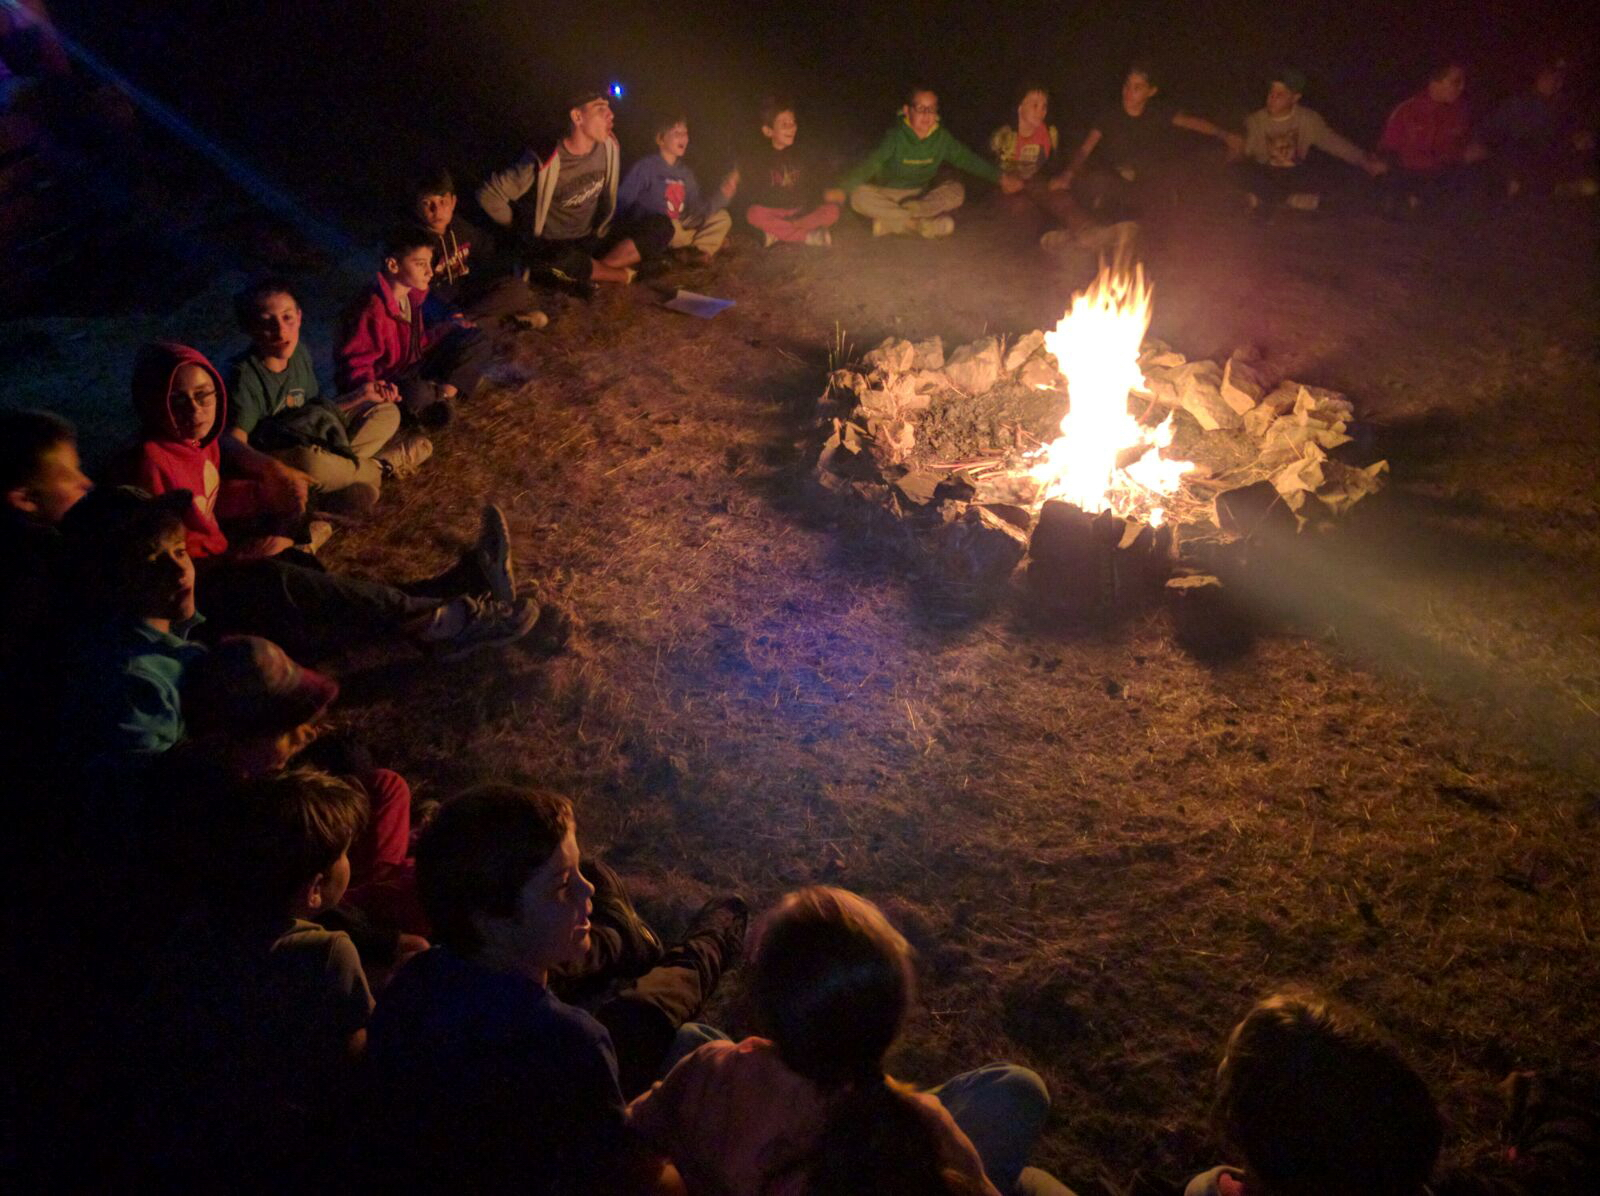 Campamentos de verano en España veladas fuego de campamento